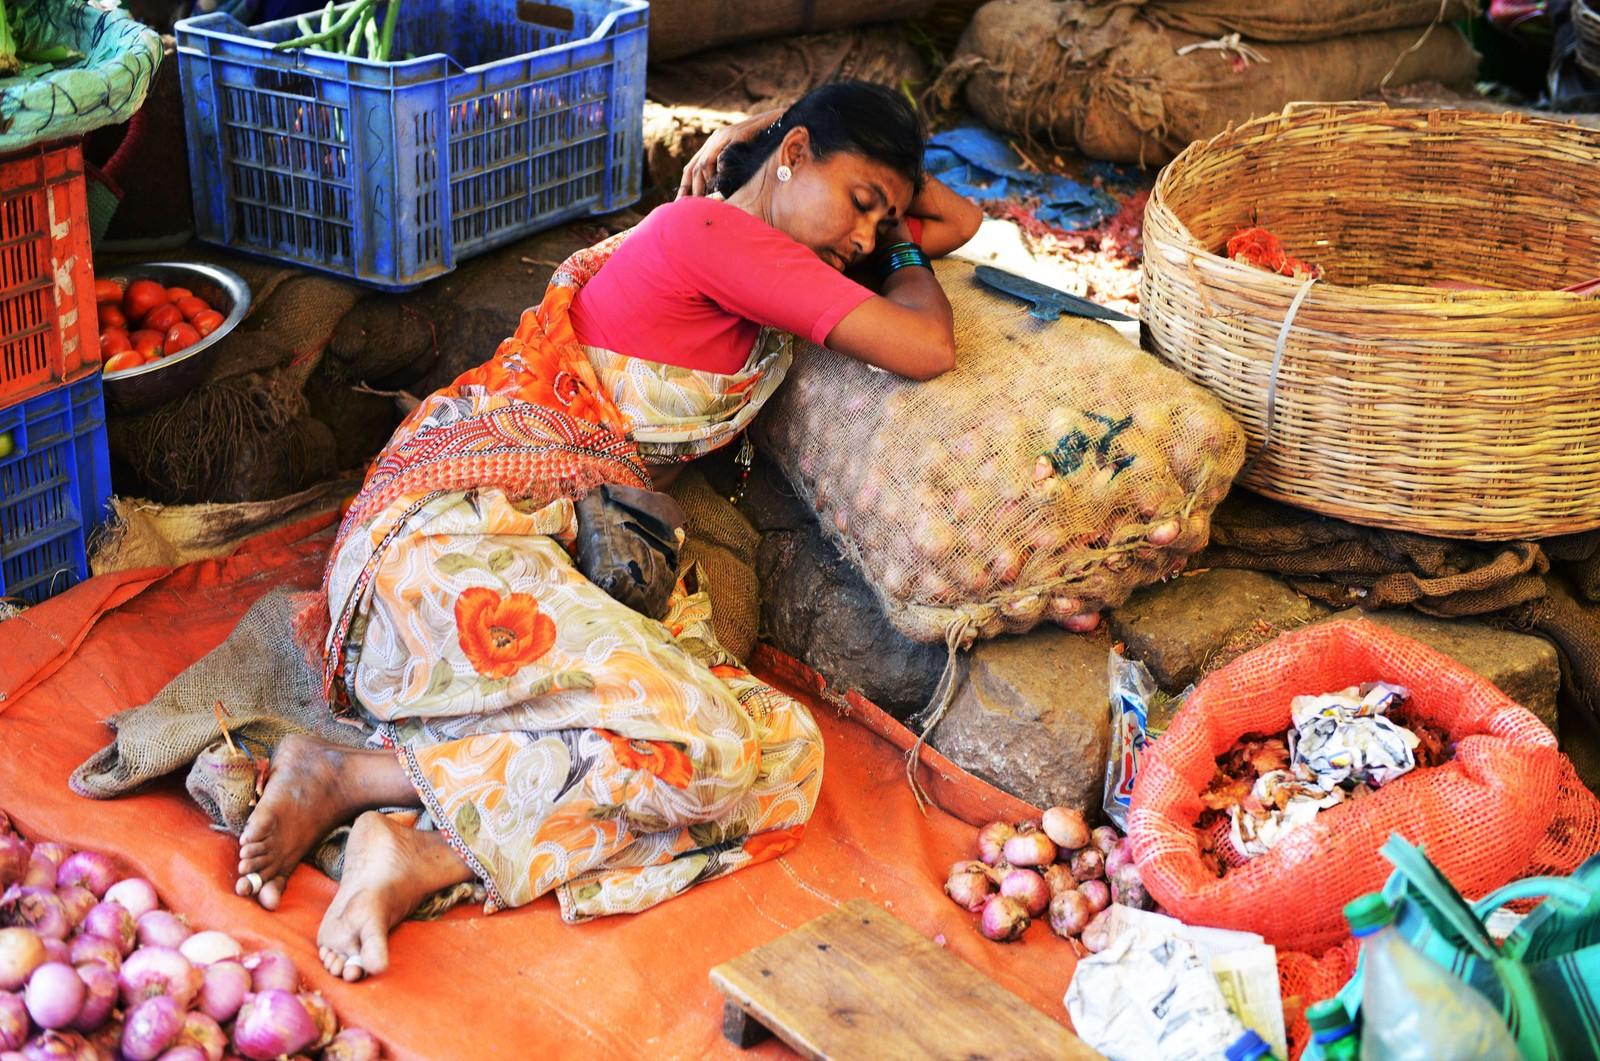 Kvinne sover på grønnsakmarkedet i Hyderabad i India.